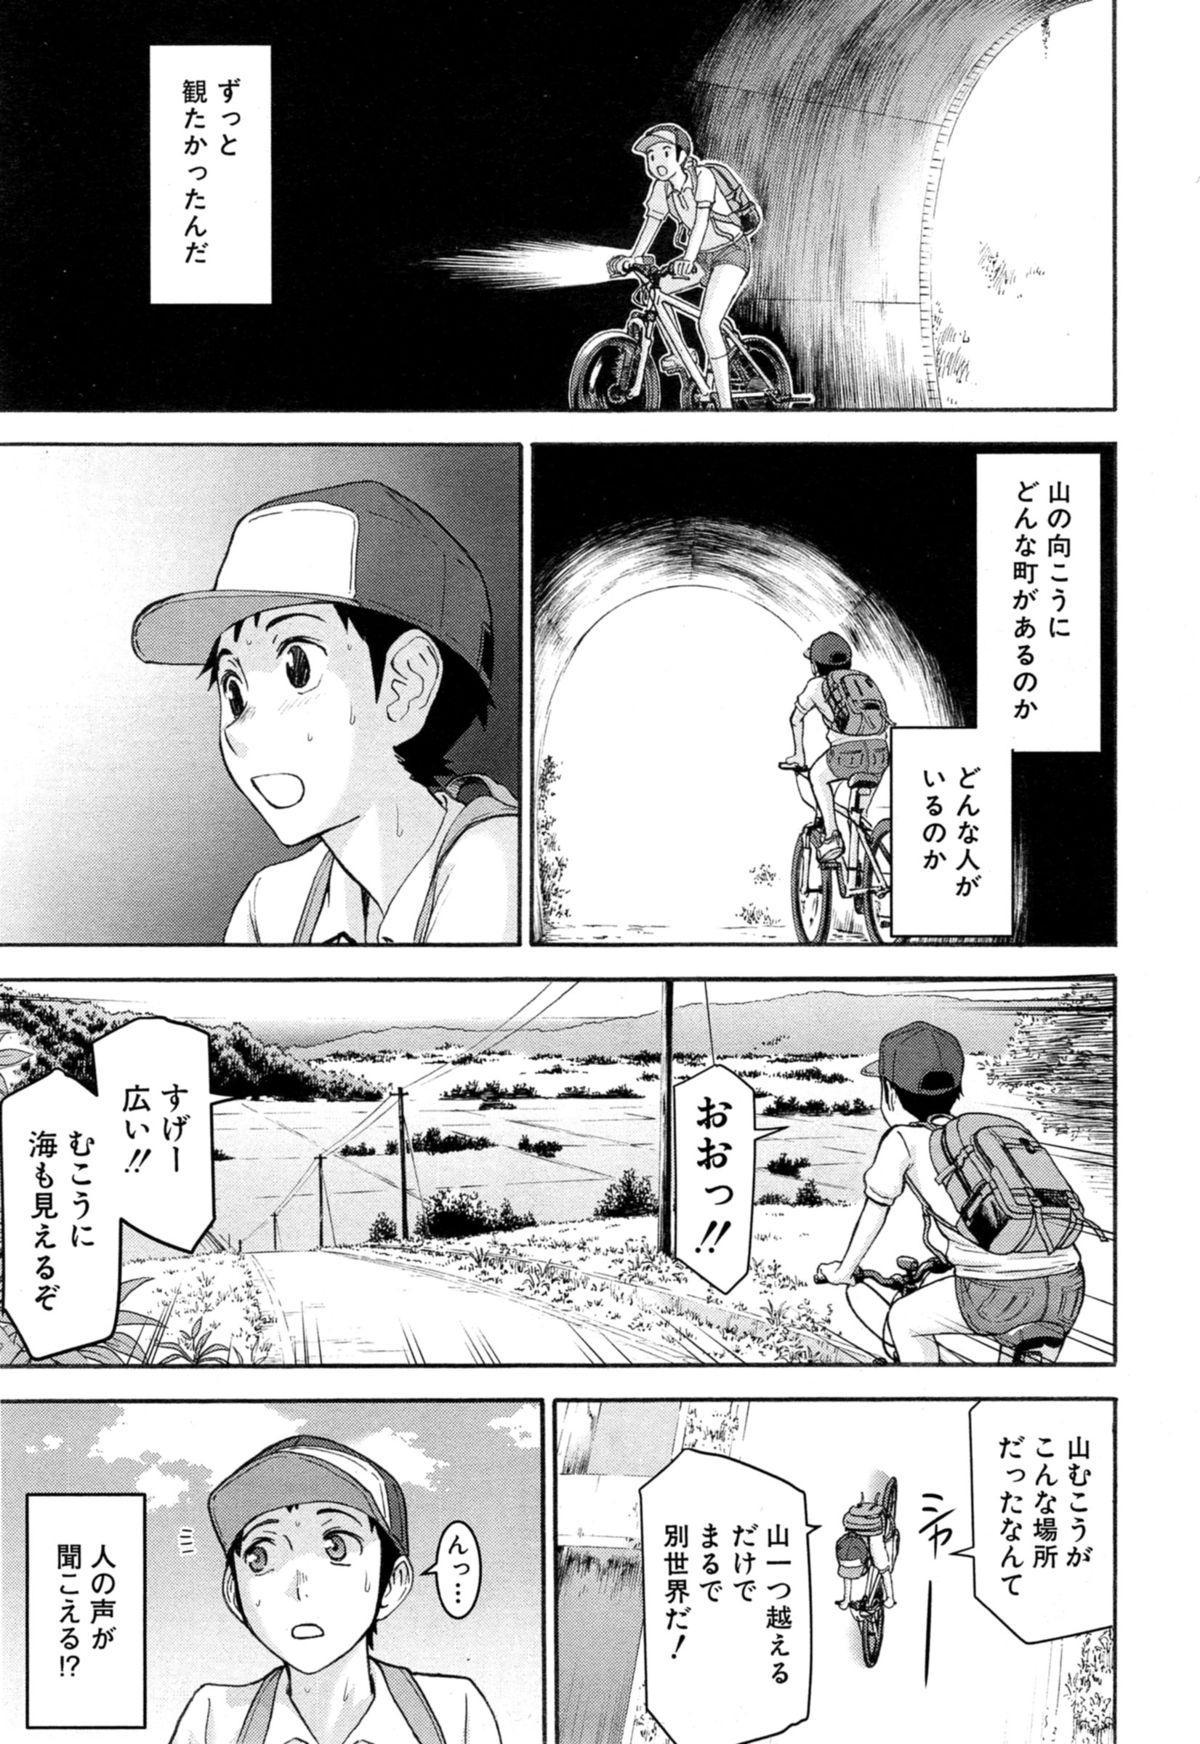 Zashikihime no Omocha Ch. 1-2 2